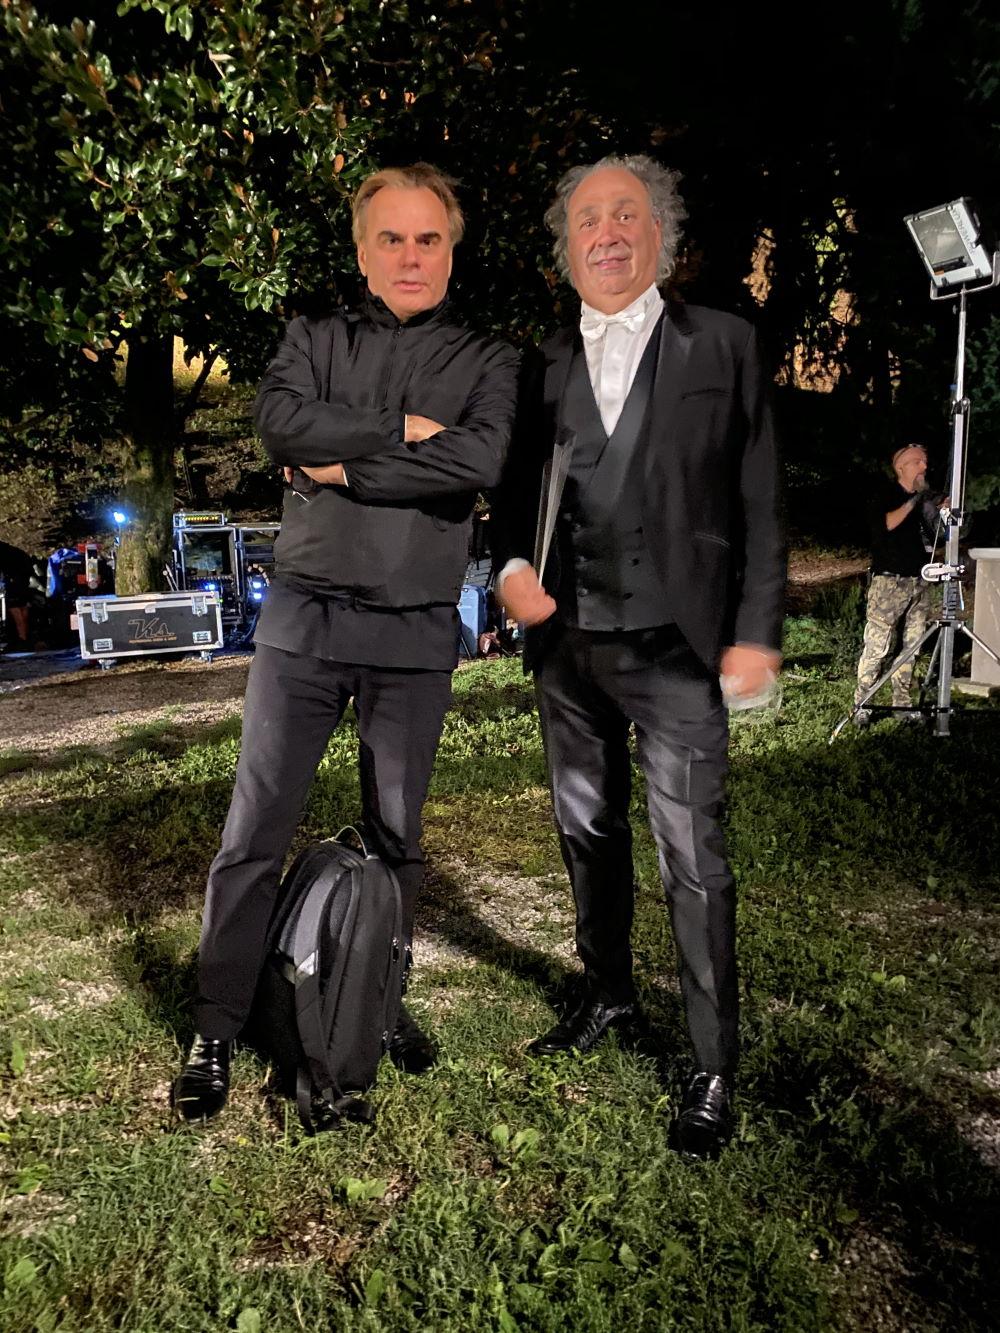 Il flautista Andrea Griminelli e il maestro d'orchestra Diego Basso